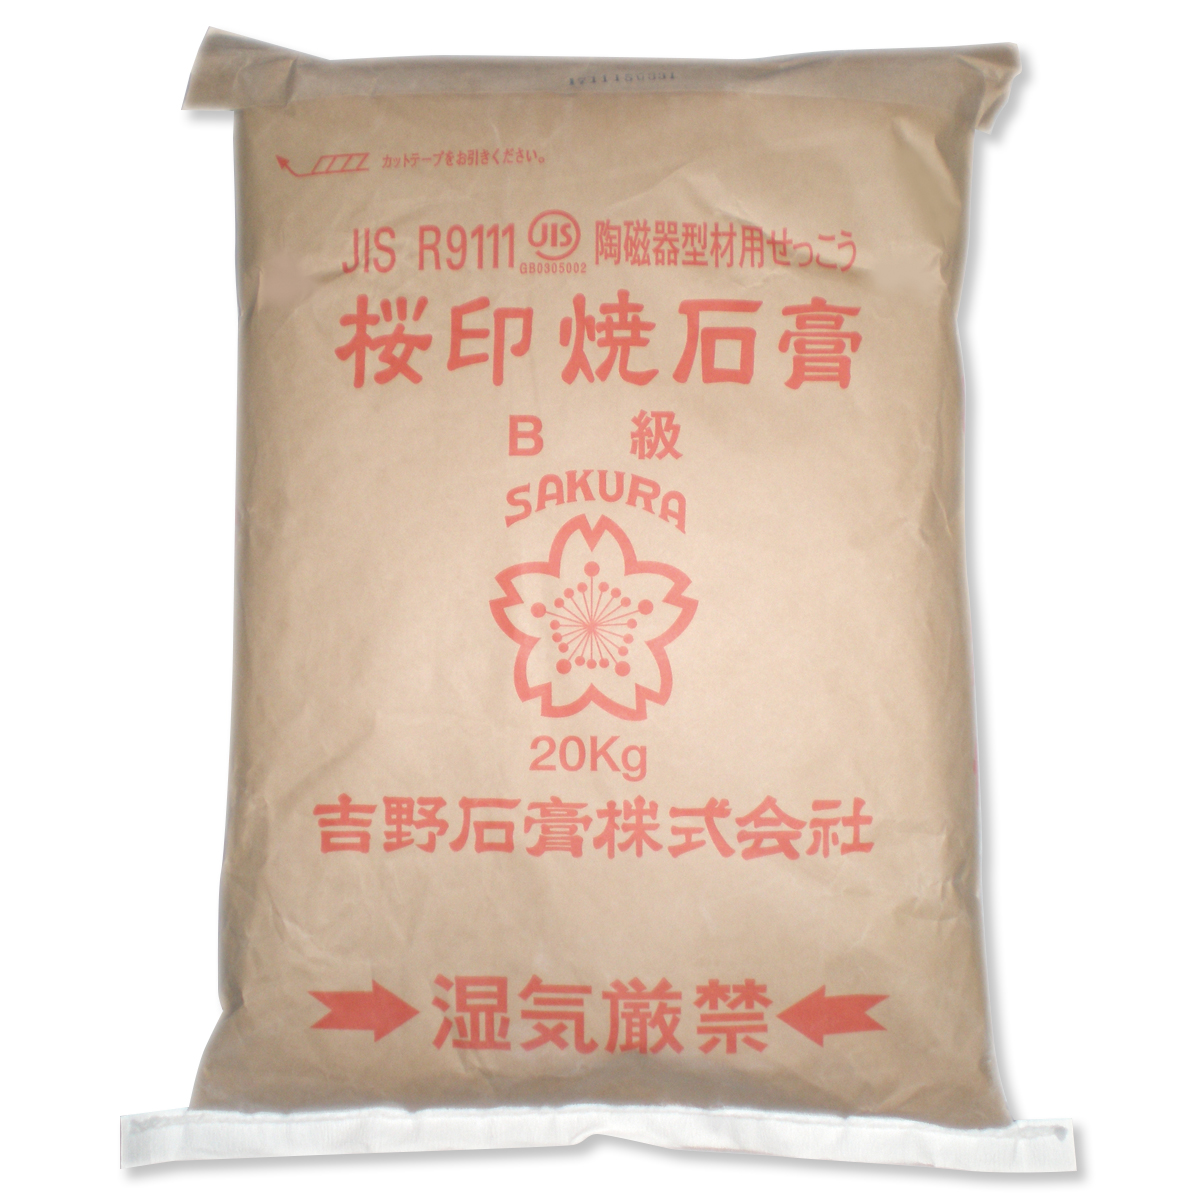 吉野石膏 陶磁器型材用 焼き石こう 教材用 B級 20kg 【 石膏 せっこう 型取り 】